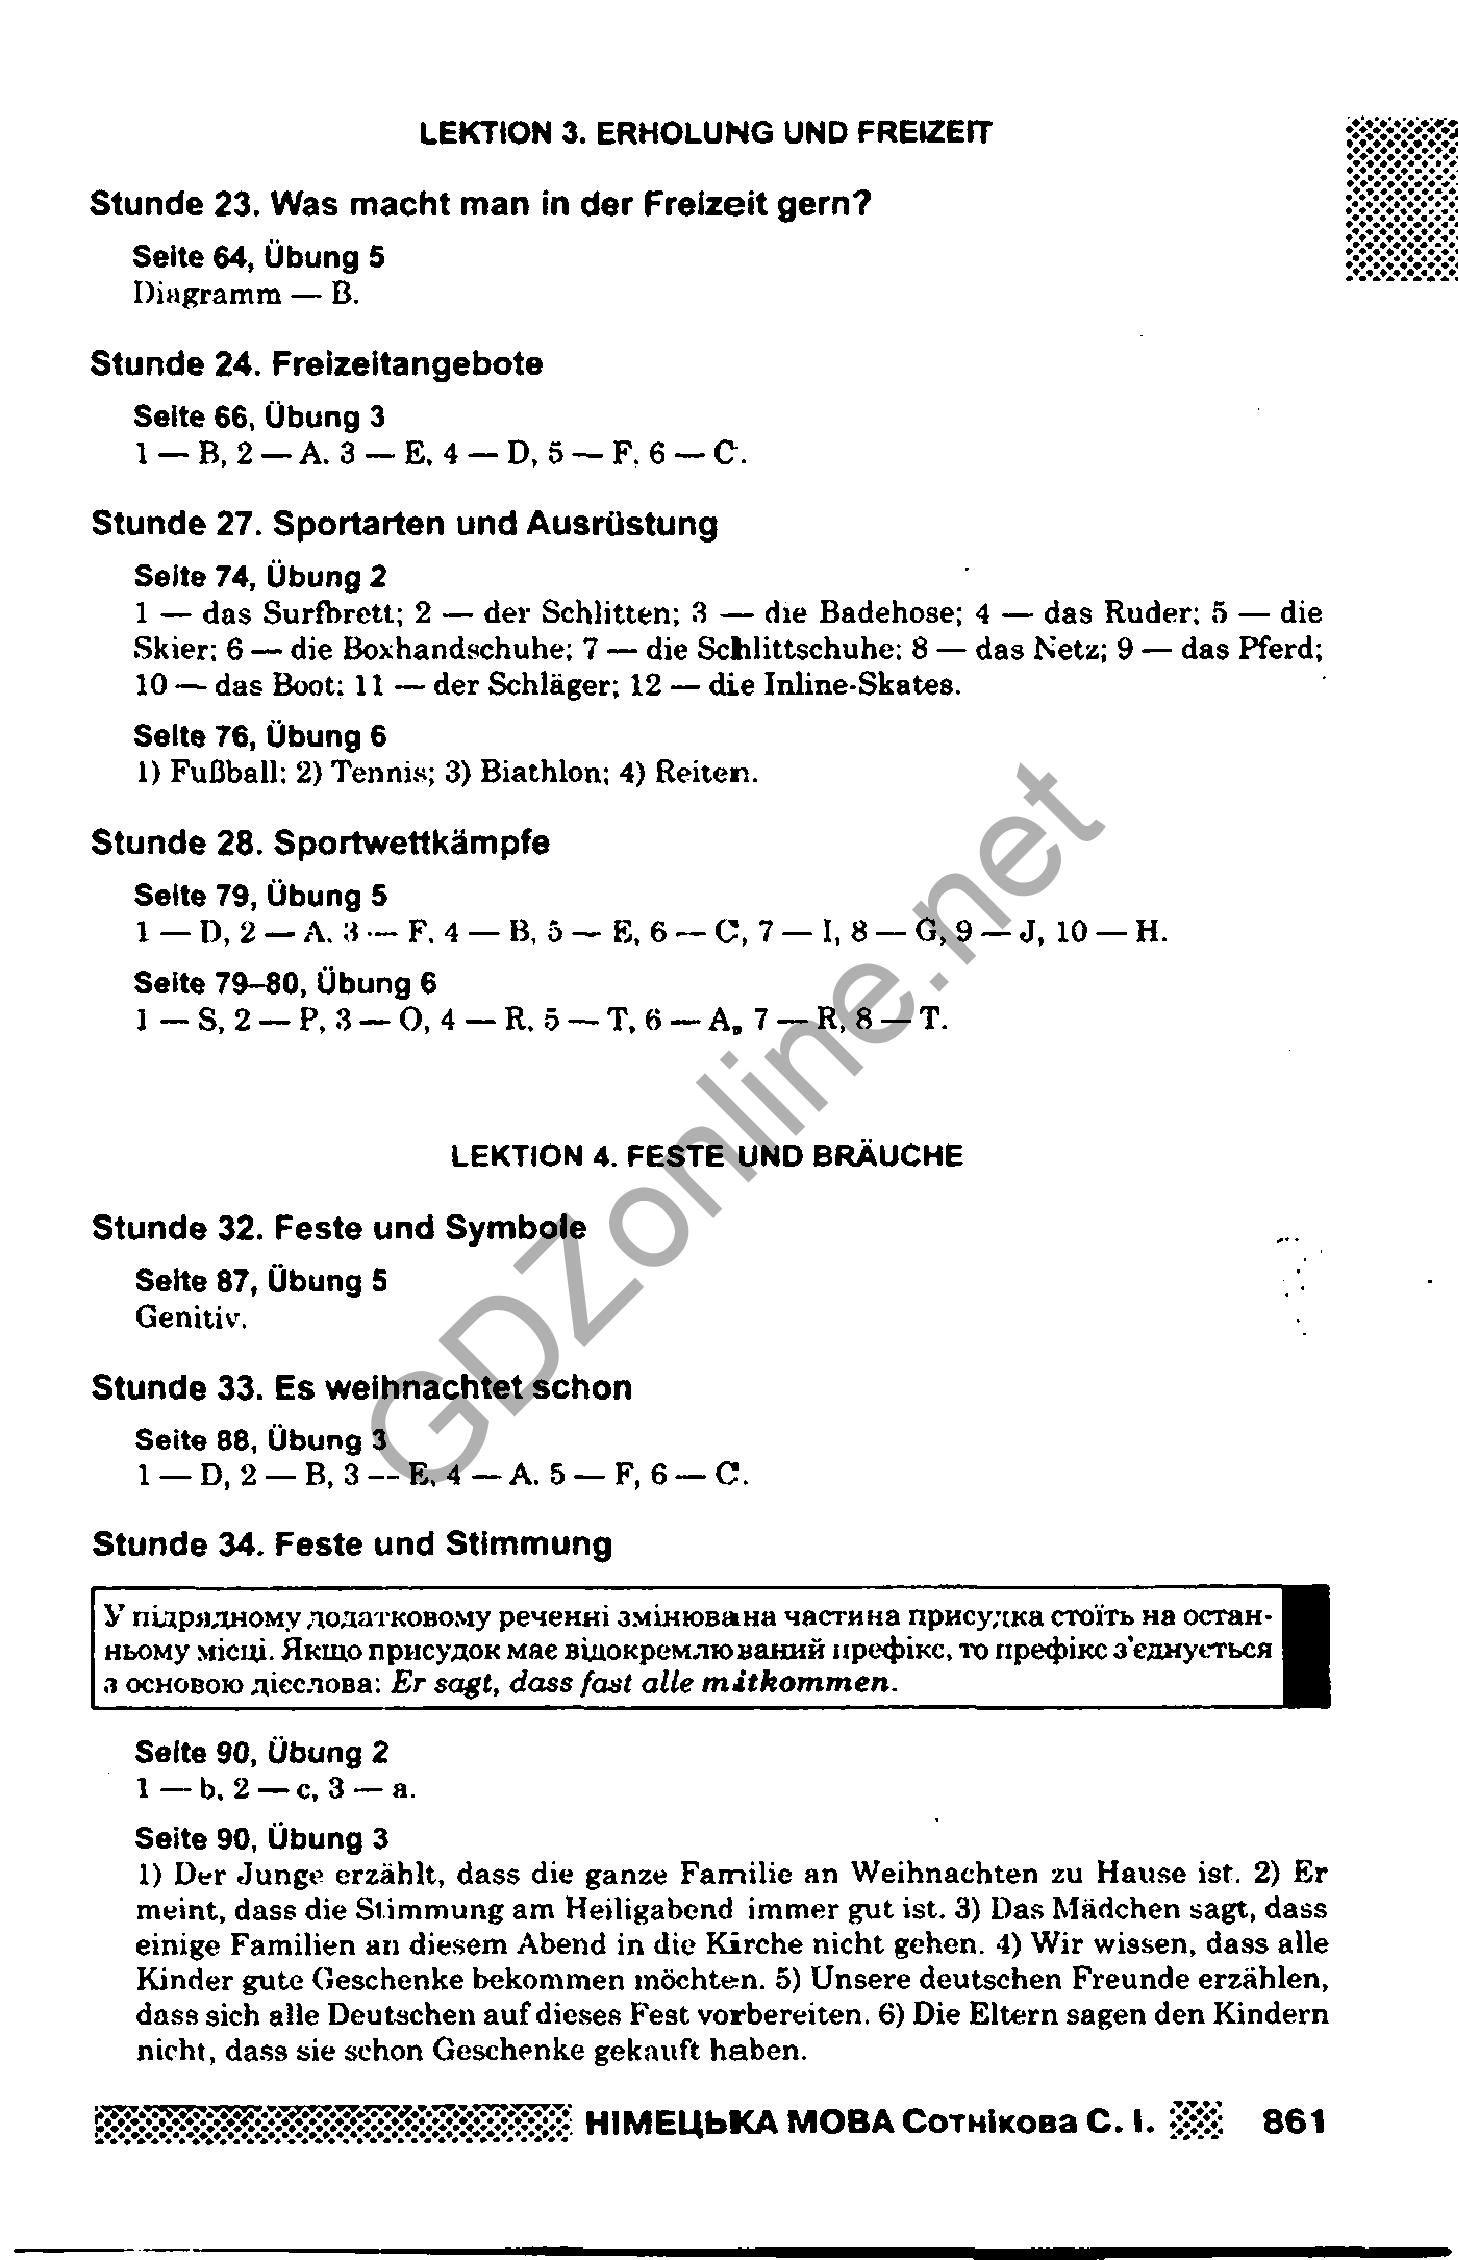 Конспект урока контрольное списывание 2 класс 2 четверть программа 21 век